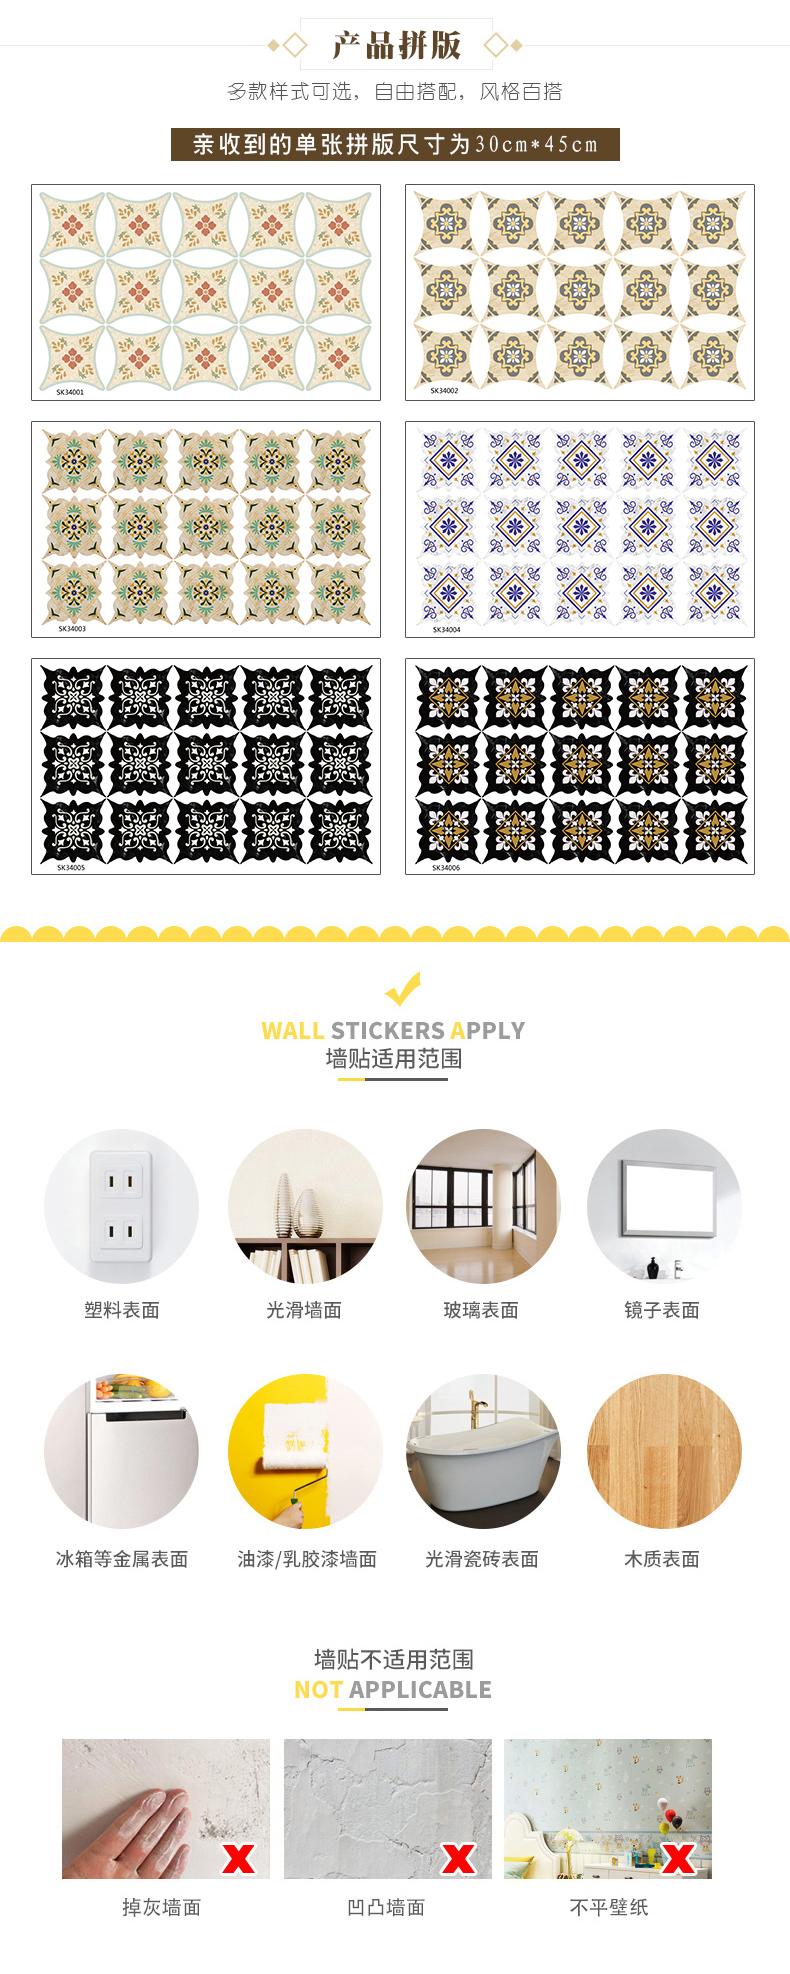 Модный дизайн Популярная напольная плитка угловая декоративная наклейка для гостиной